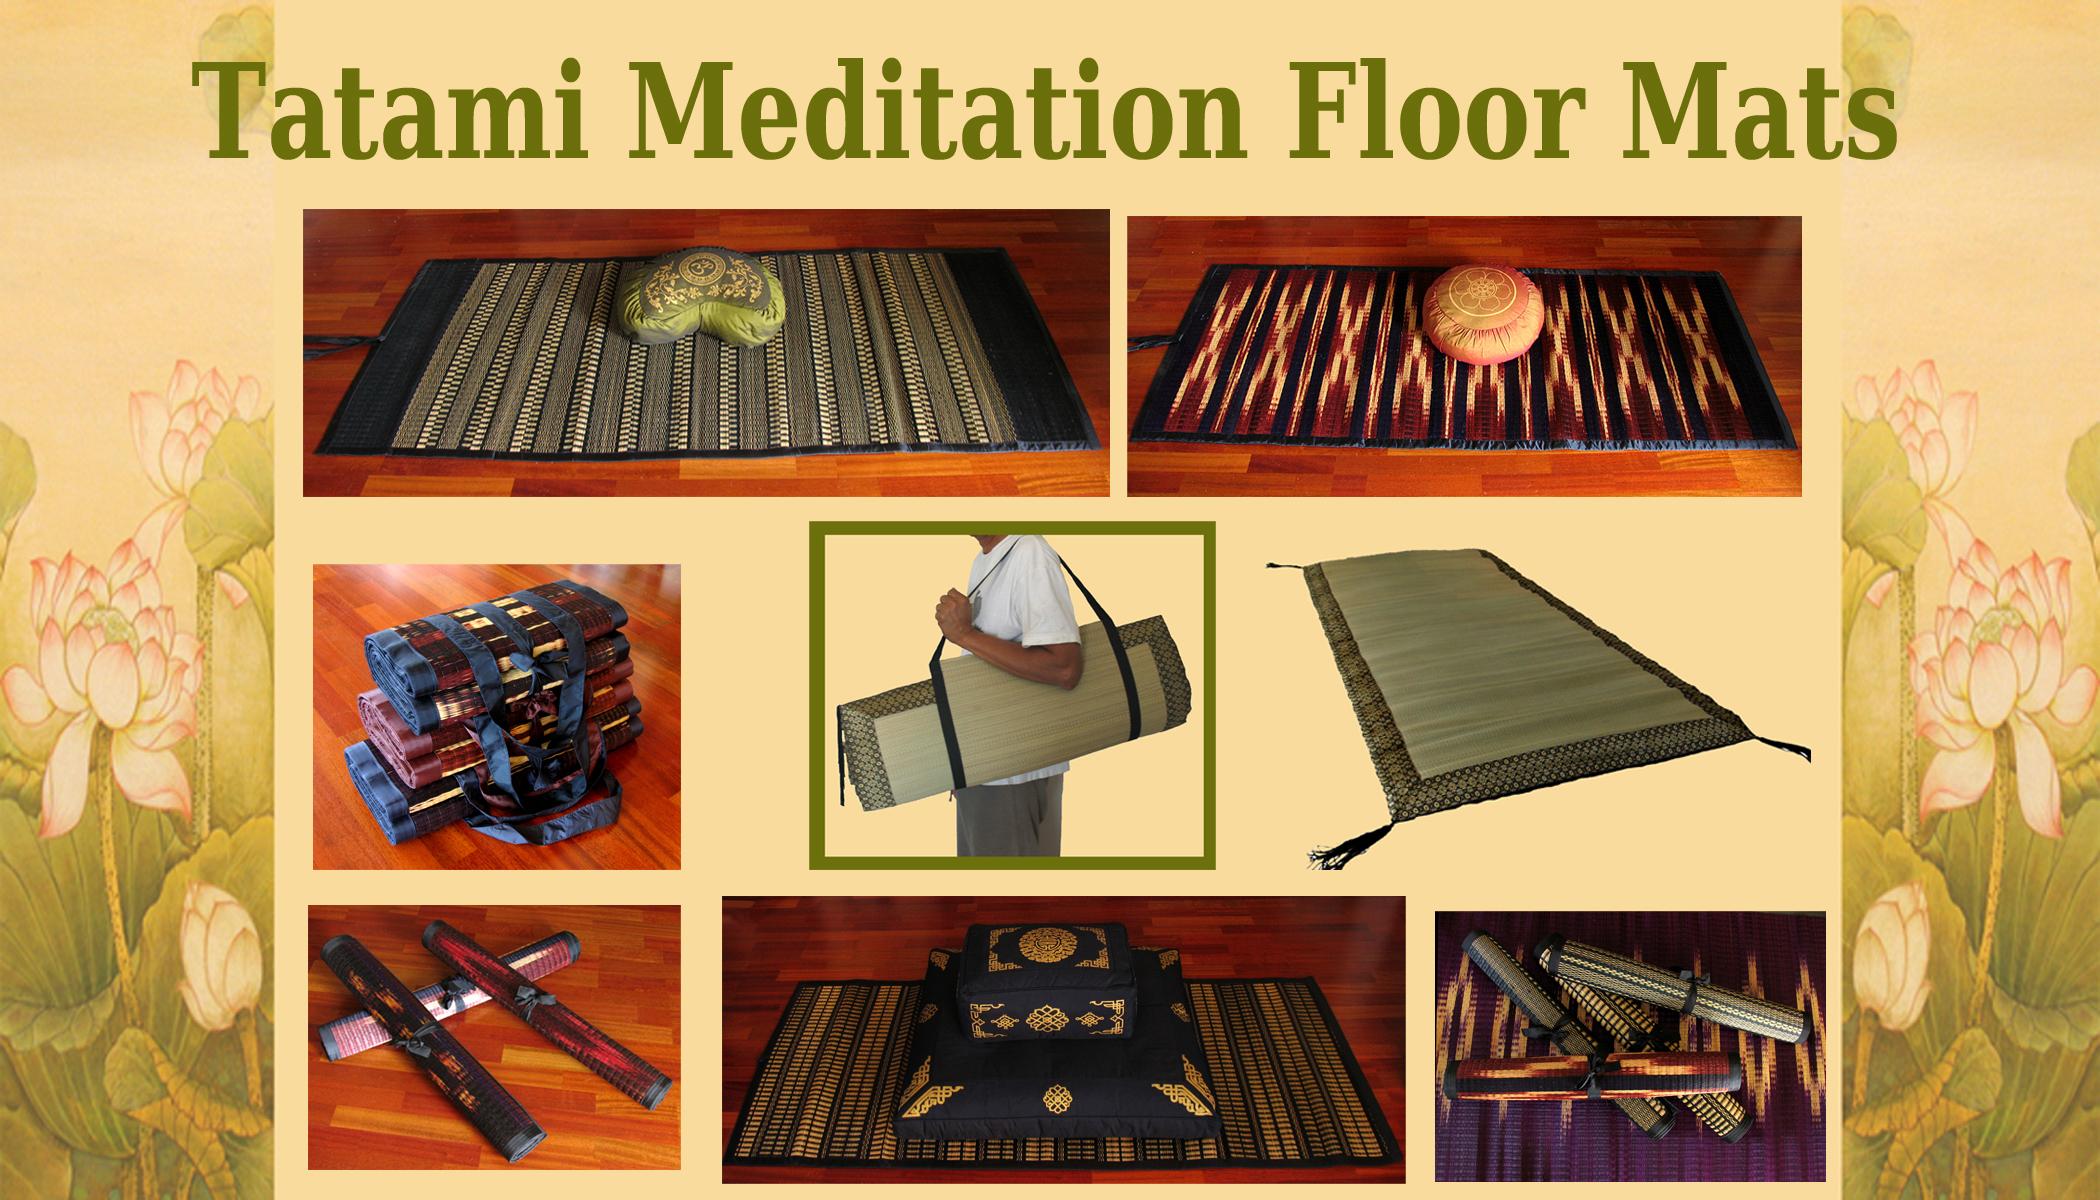 Tatami Meditation Floor Mats